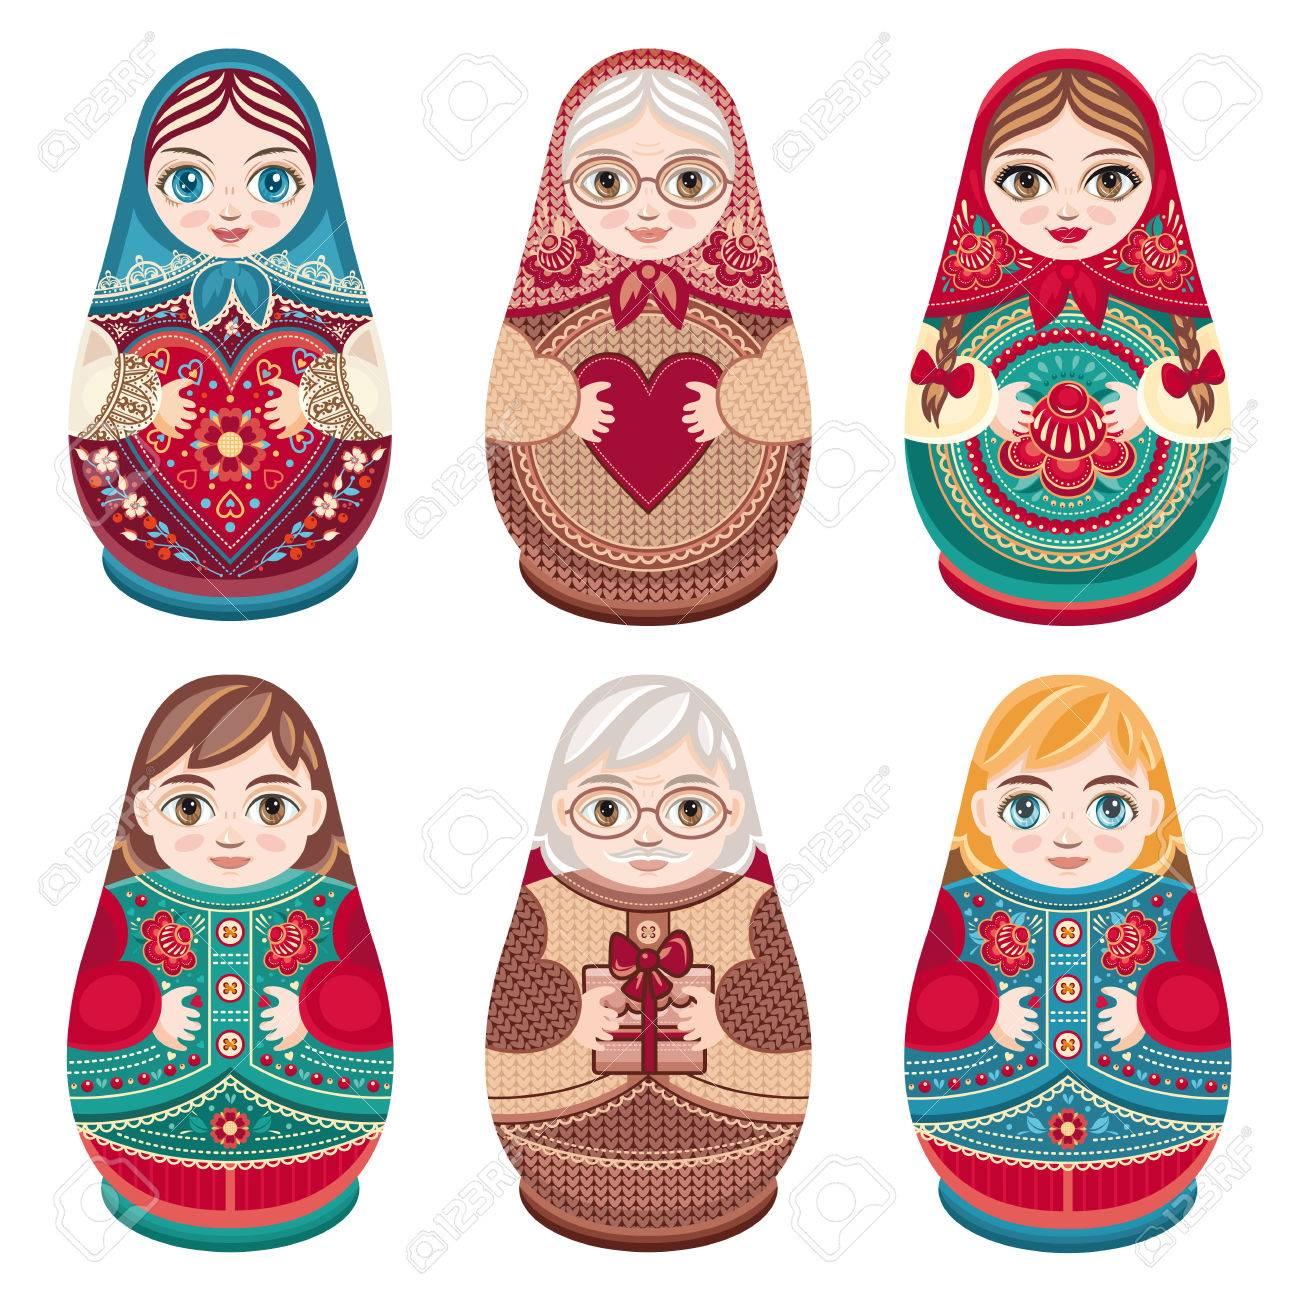 Russische babuschka